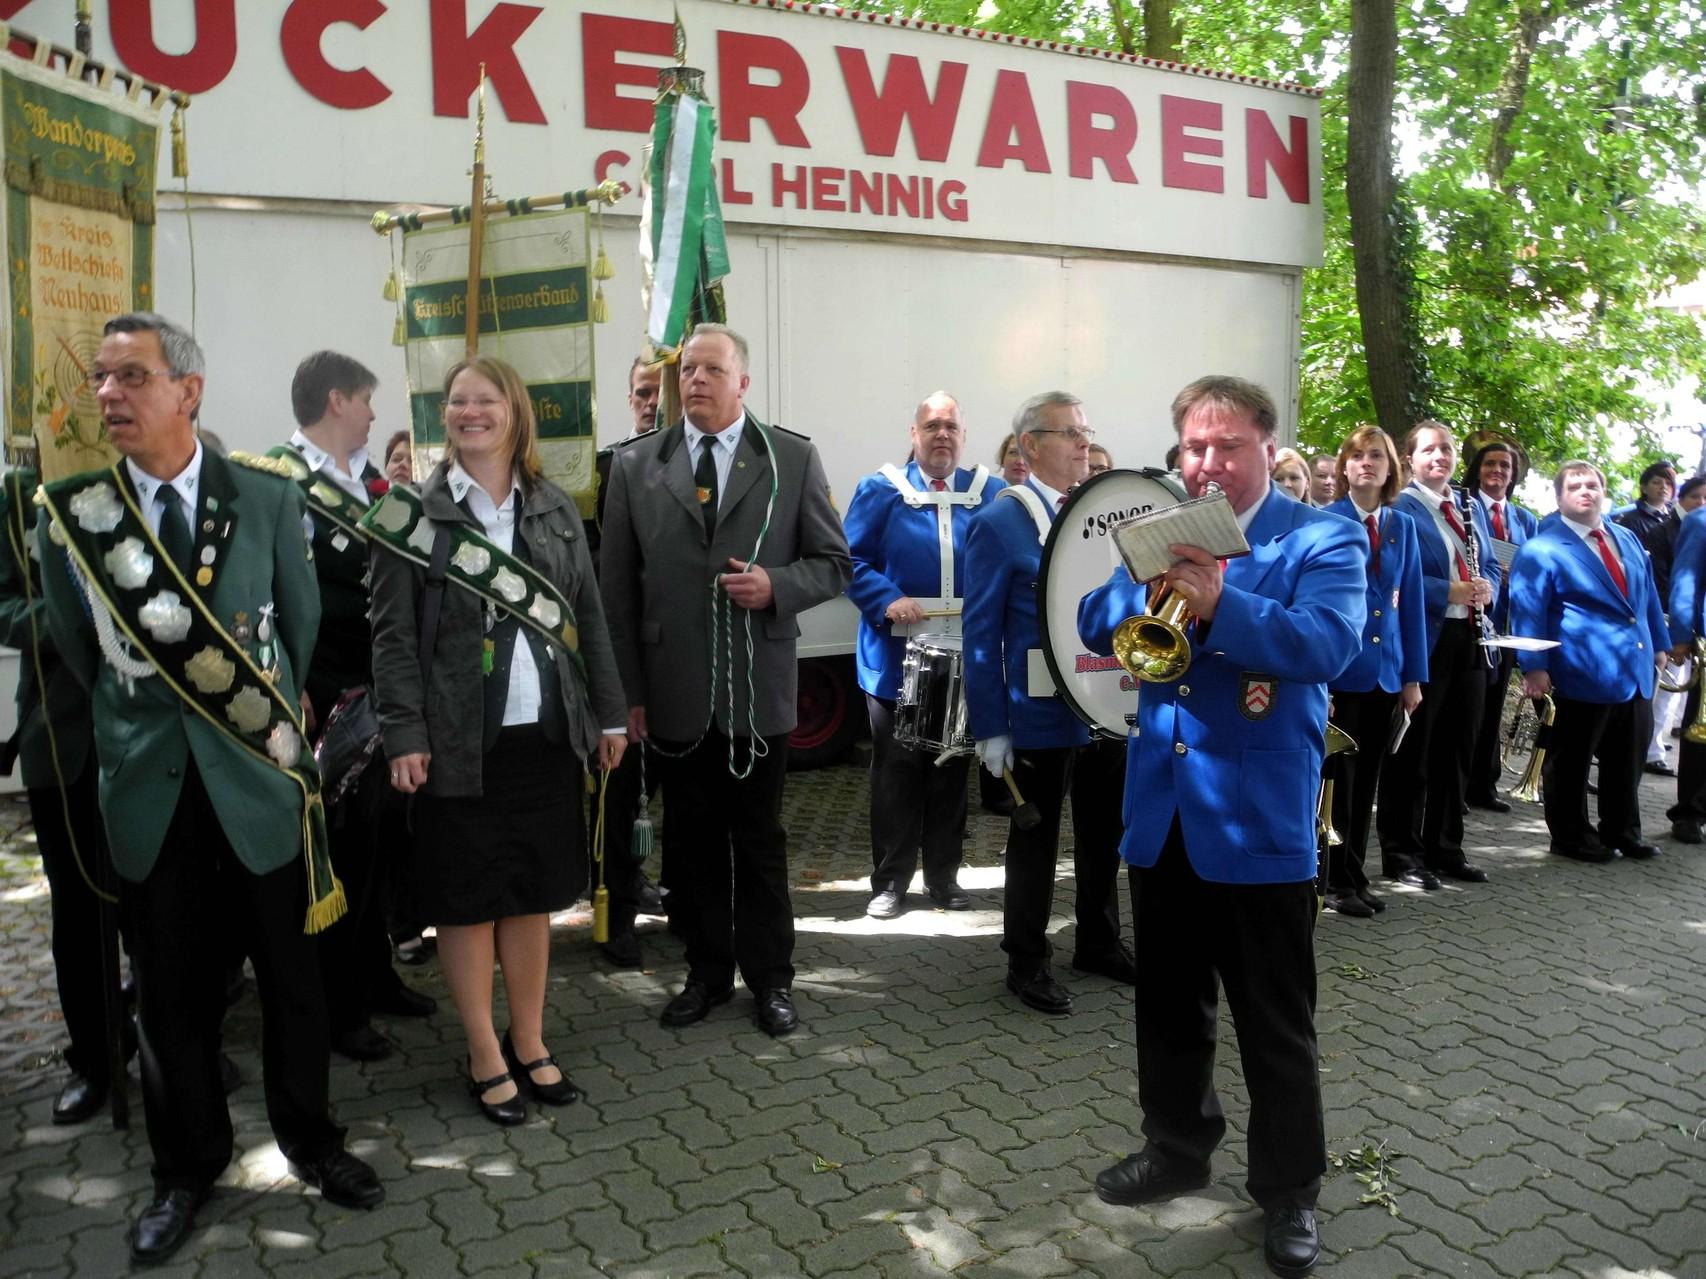 Vor dem Abmarsch spielte ein Trompeter zum Fahne hissen